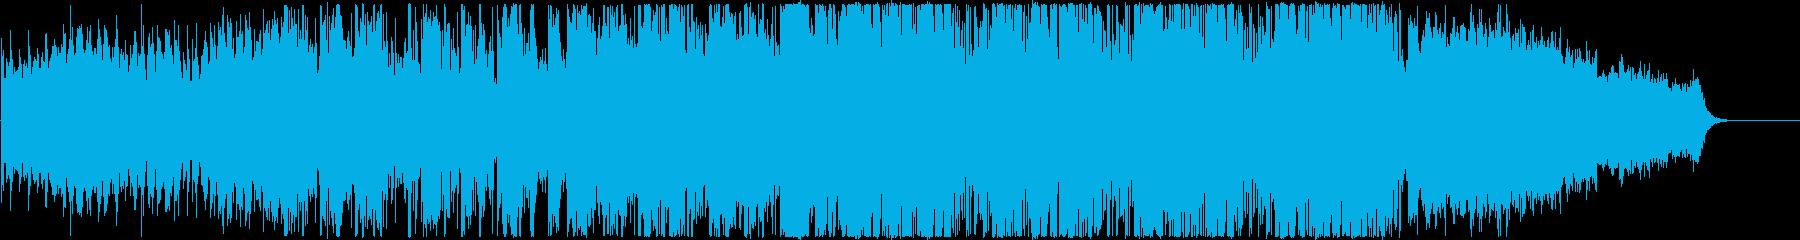 ステディでリズミックな雰囲気のテクノの再生済みの波形